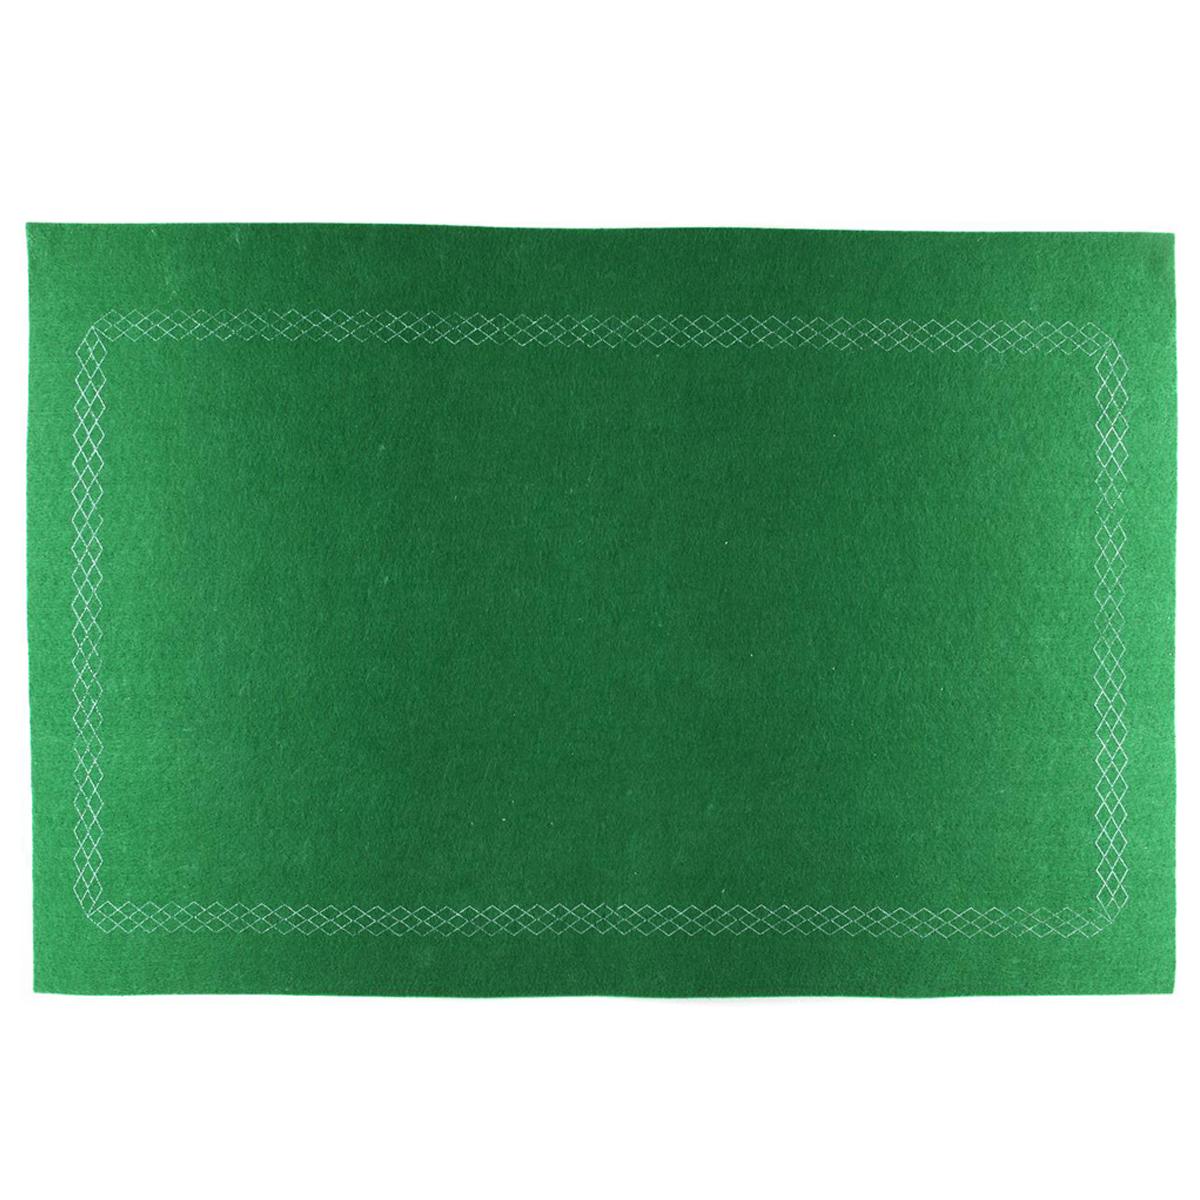 Tapis de jeu \'Jeu de Cartes\' vert - 60x40 cm - [Q4444]